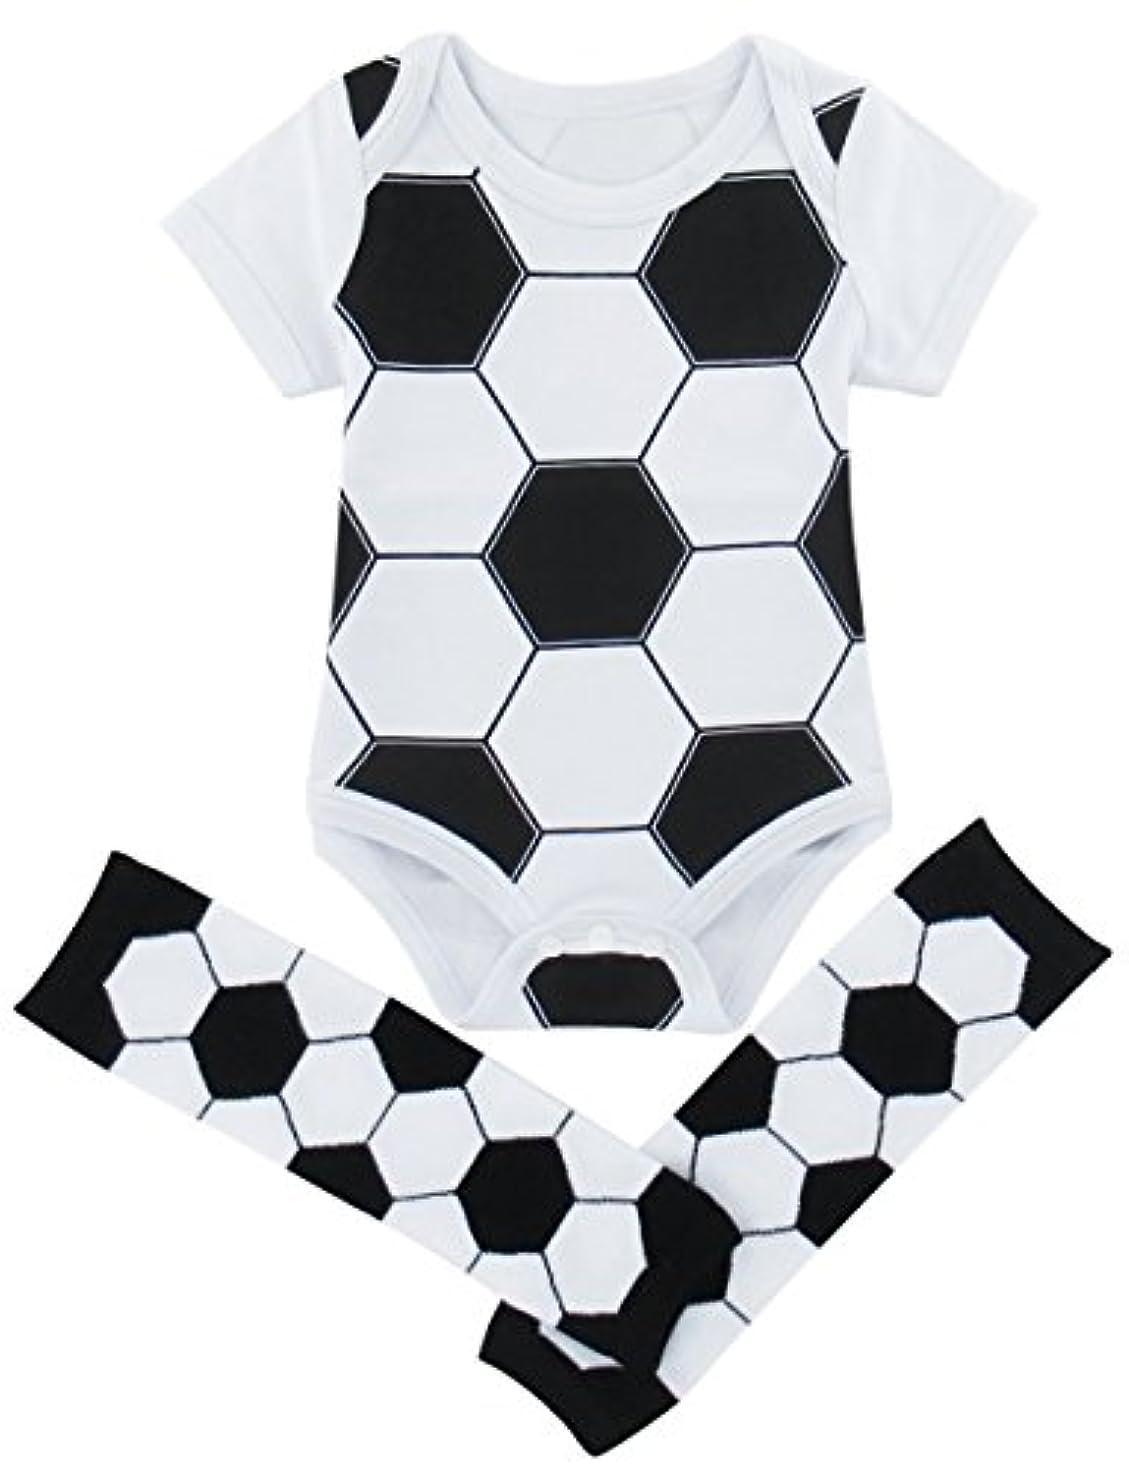 蓋訴える継承BECOS ベビー ロンパース コスチューム 新生児 綿100 サッカー レッグウォーマー(サッカー, 0-3ヶ月)